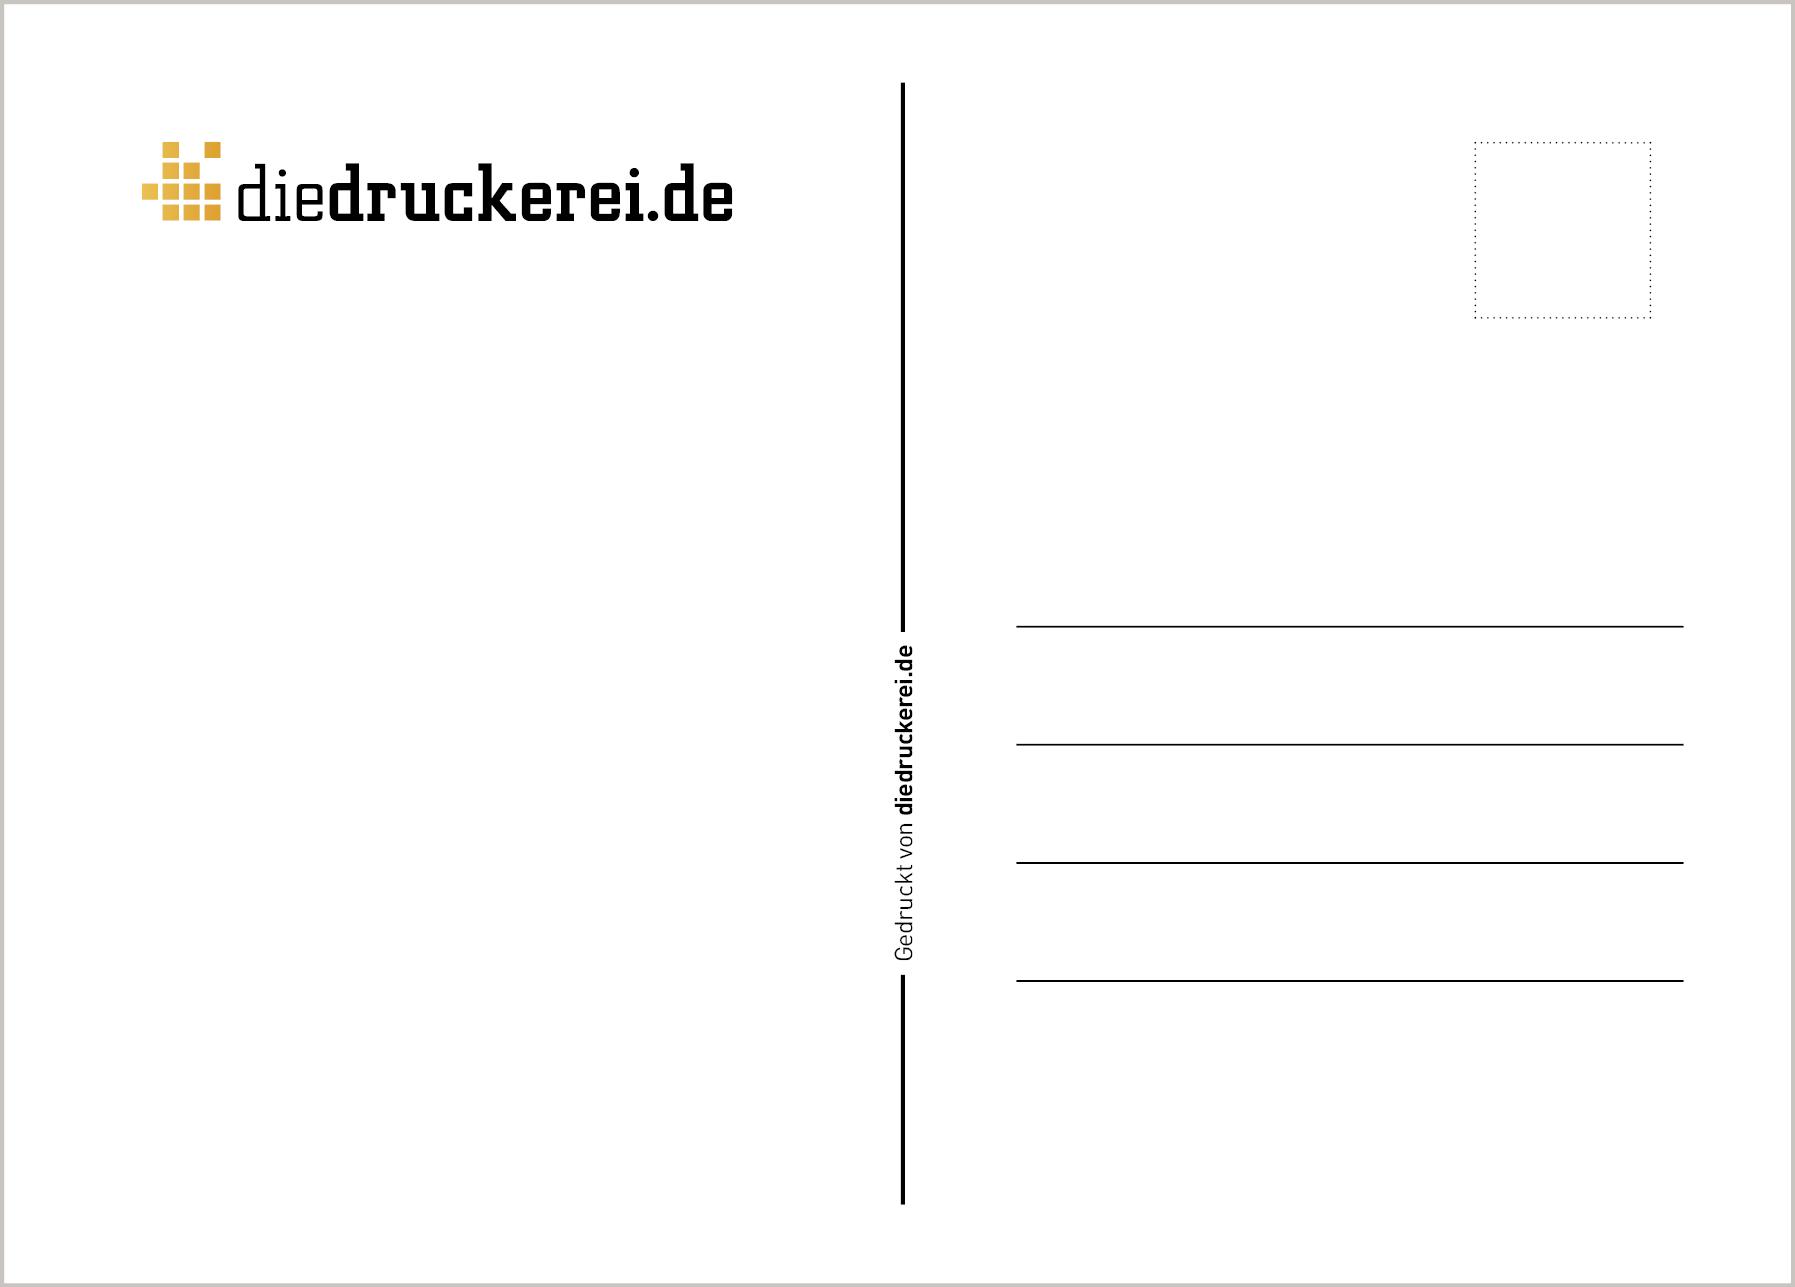 Postkarten: Vorlagen Für Die Rückseite bestimmt für Postkarten Kostenlos Drucken